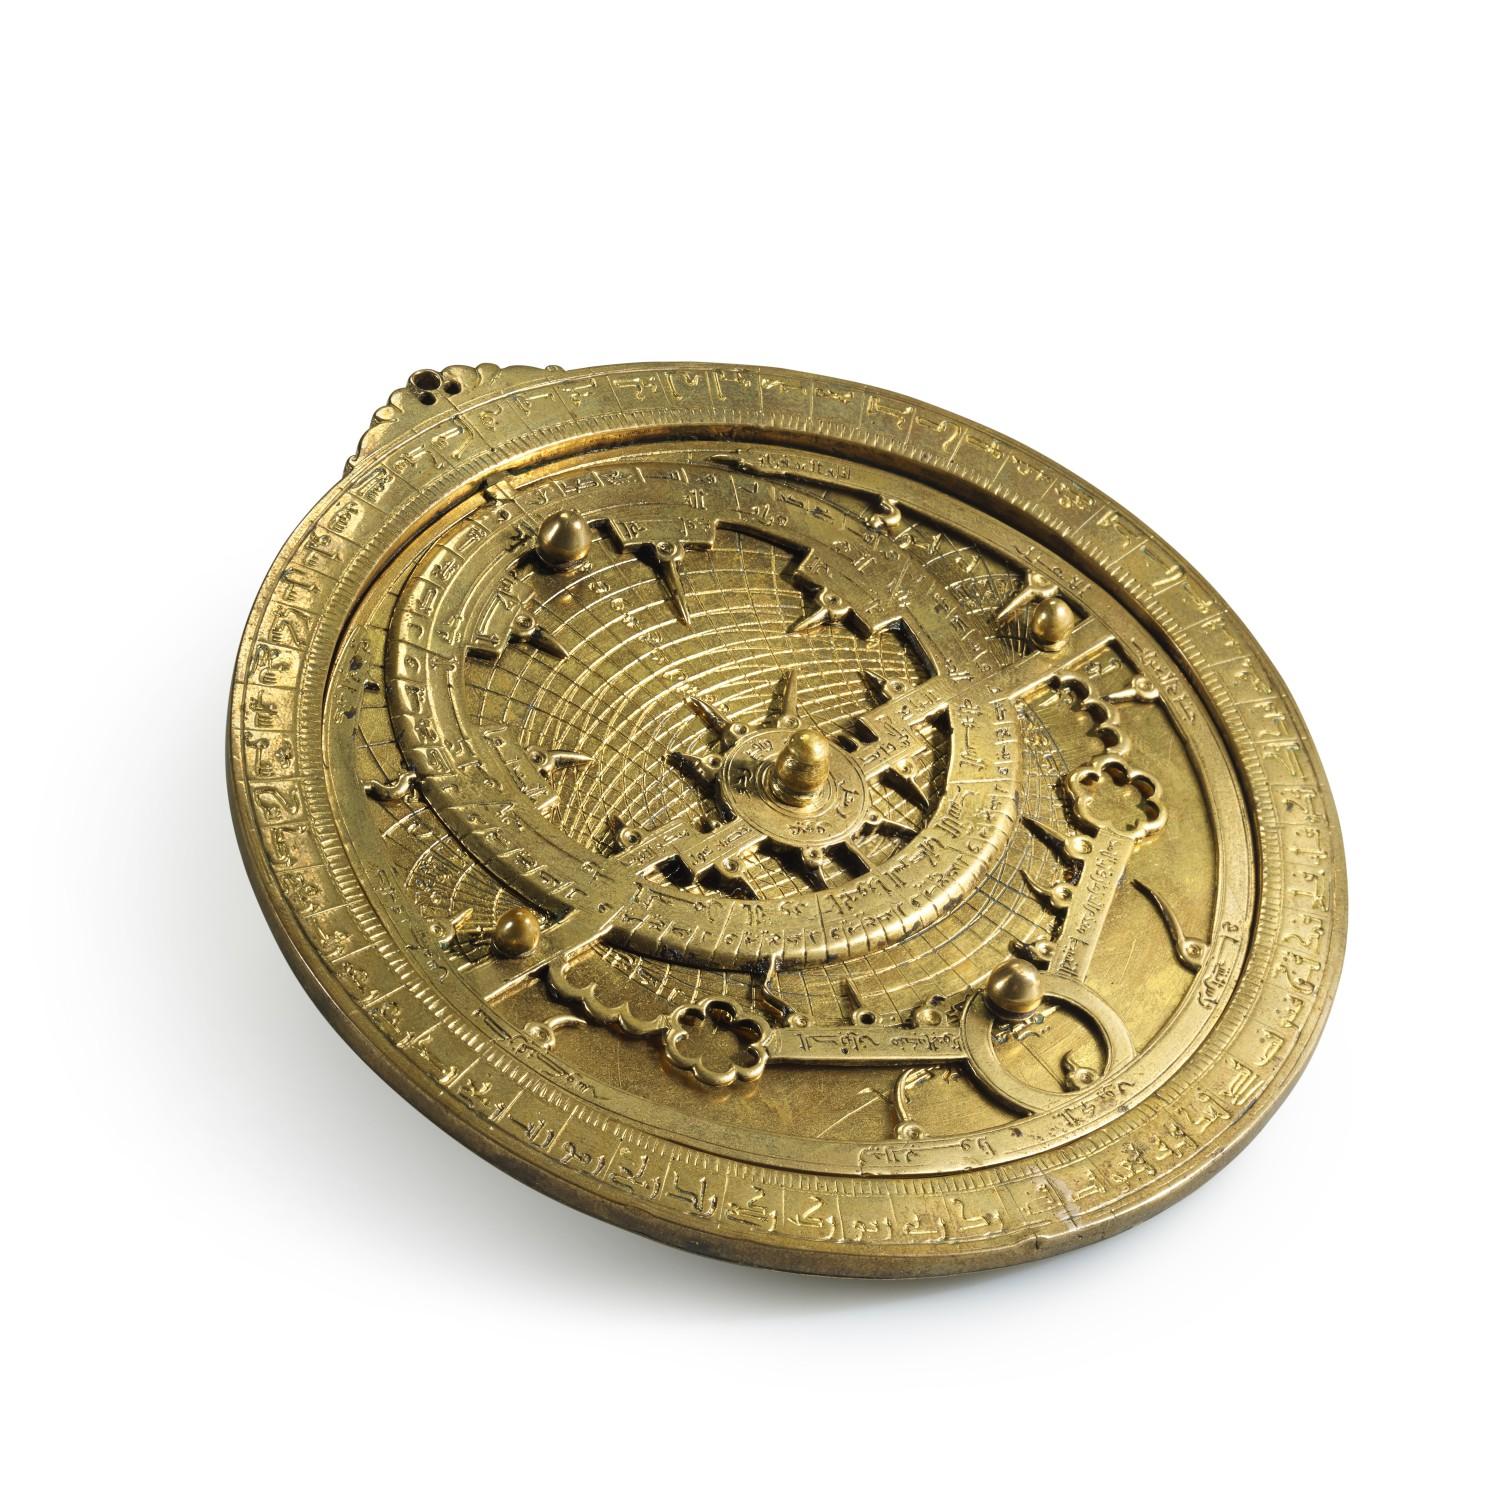 A unique gilt-brass astrolabe signed by Ahmad ibn Abu abd Allah al-Qurtubi al-Yamani